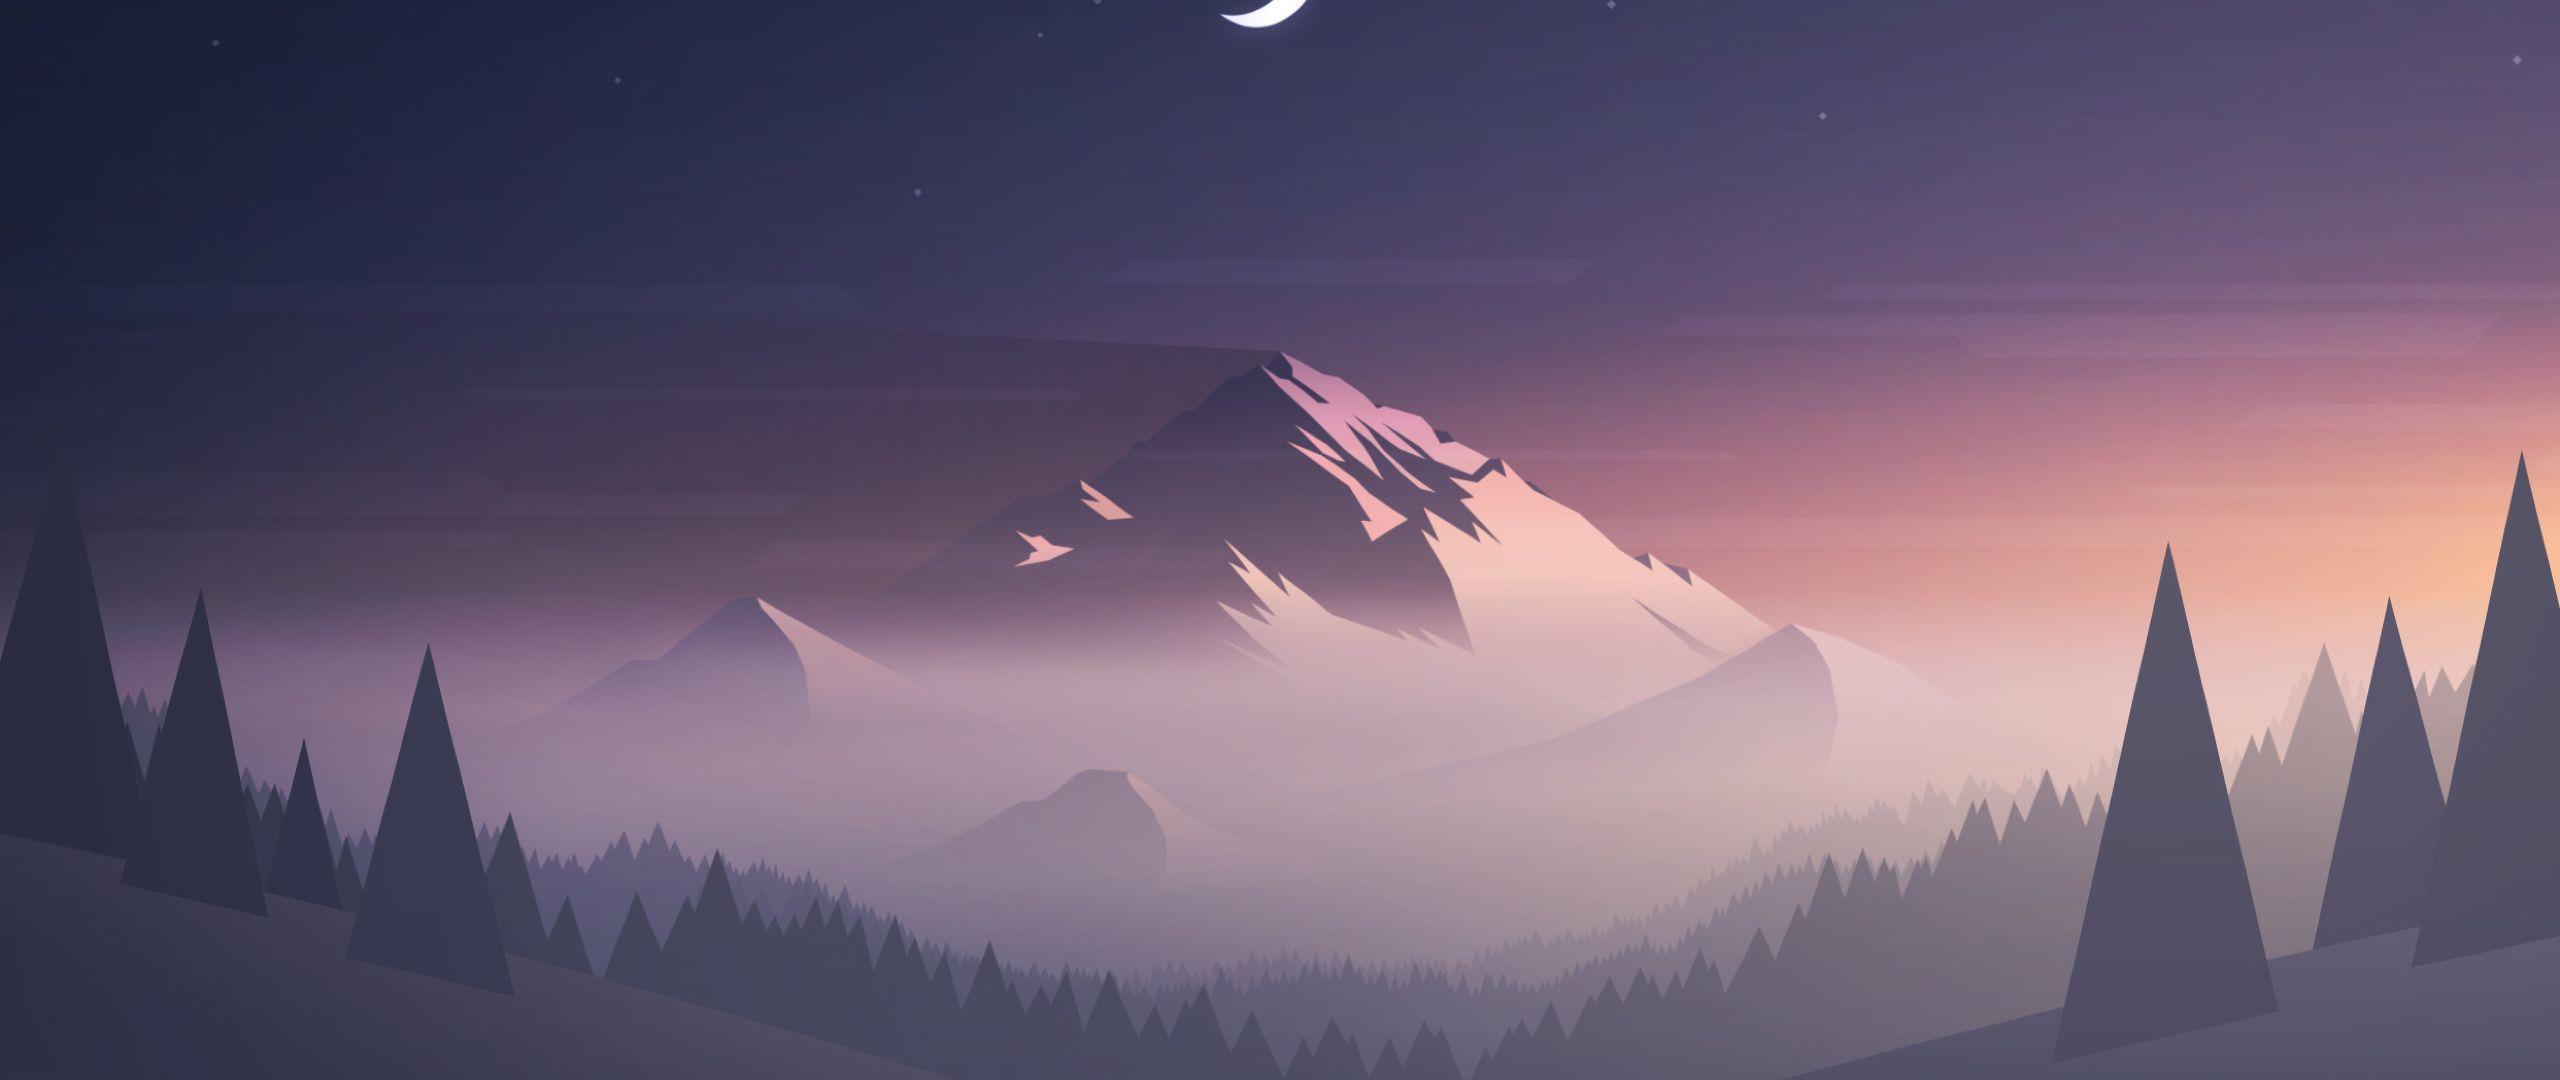 2560x1080 Núi cây Mặt trăng Độ phân giải tối thiểu 2560x1080